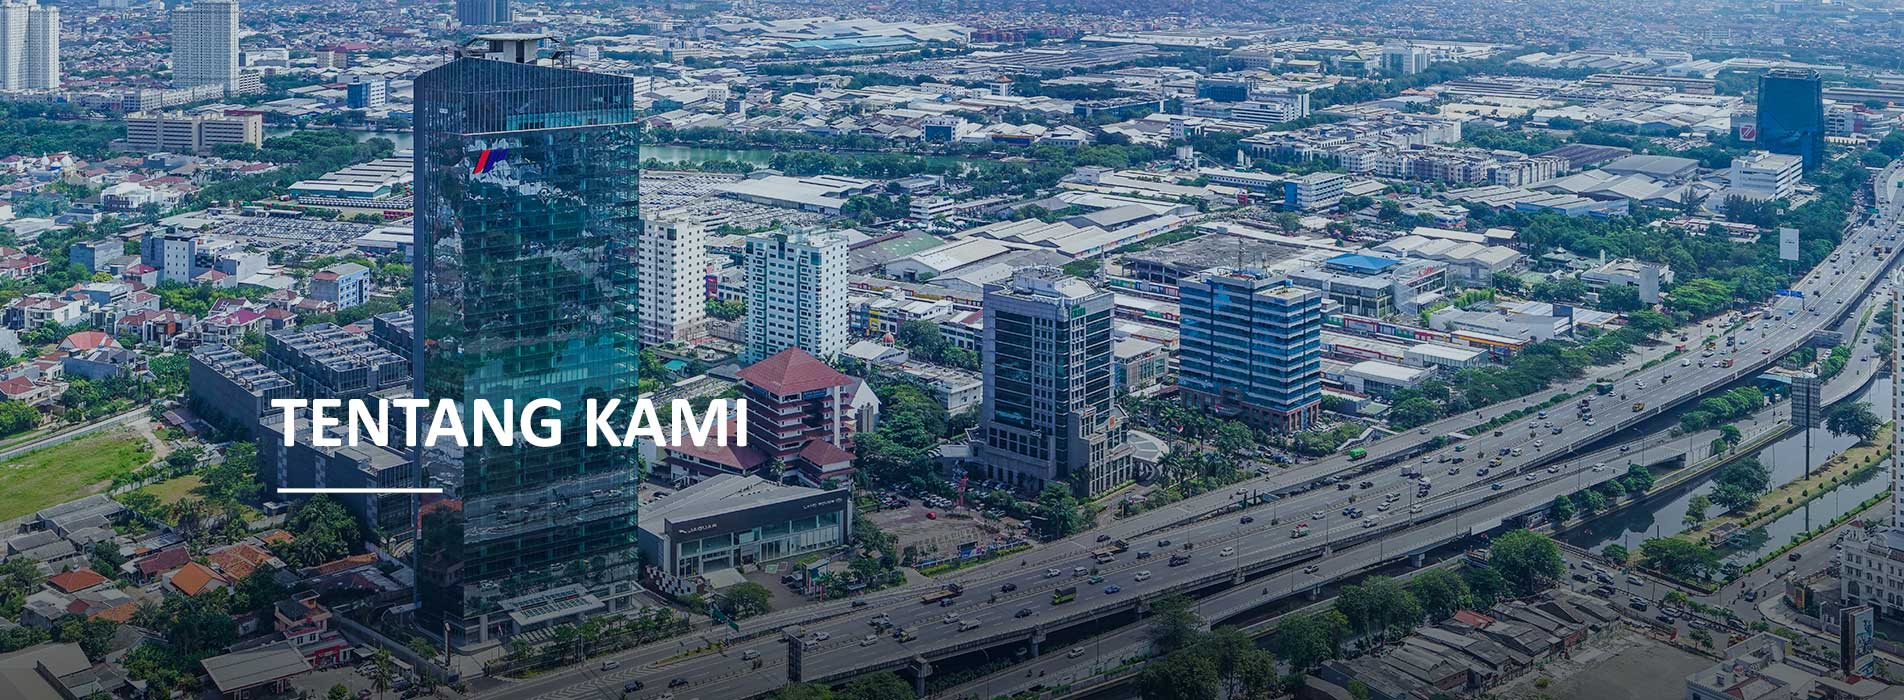 tentang kami oci indonesia gedung altira business park